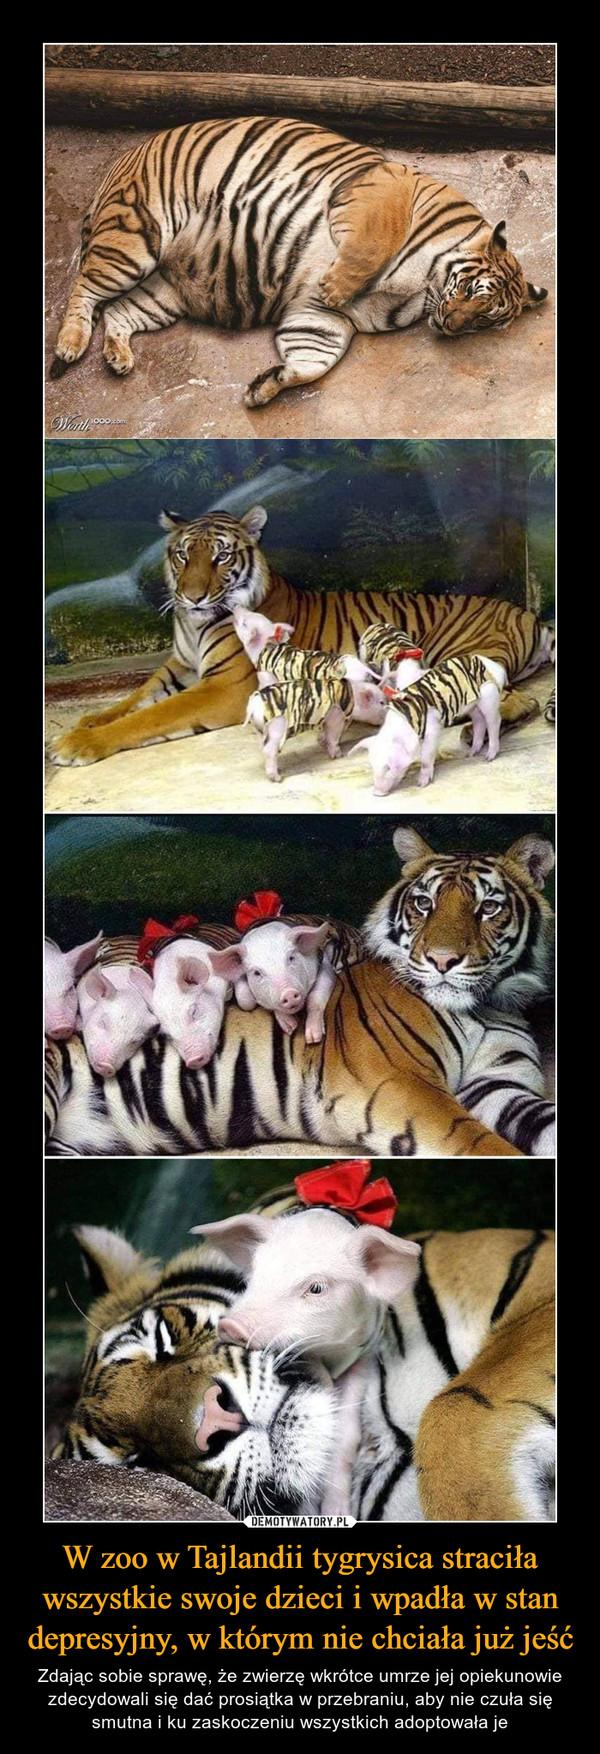 W zoo w Tajlandii tygrysica straciła wszystkie swoje dzieci i wpadła w stan depresyjny, w którym nie chciała już jeść – Zdając sobie sprawę, że zwierzę wkrótce umrze jej opiekunowie zdecydowali się dać prosiątka w przebraniu, aby nie czuła się smutna i ku zaskoczeniu wszystkich adoptowała je